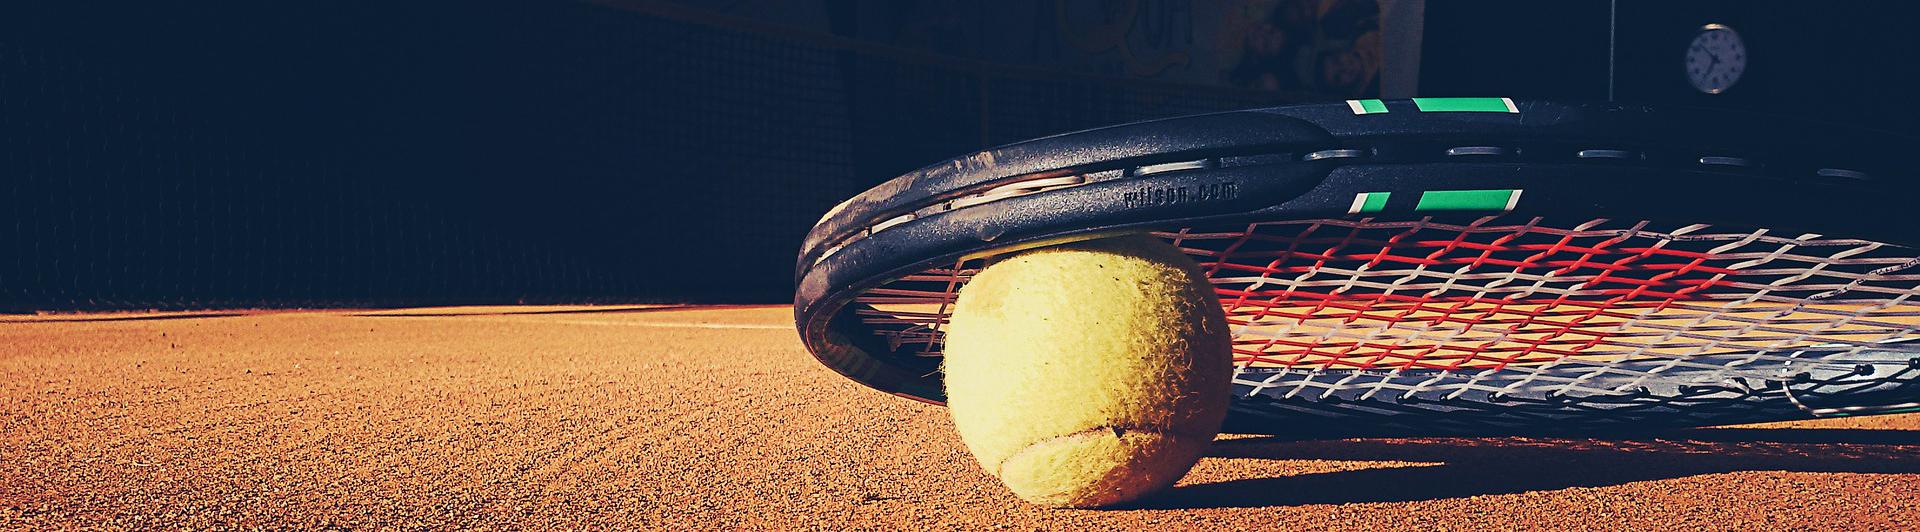 Tennis spotlight